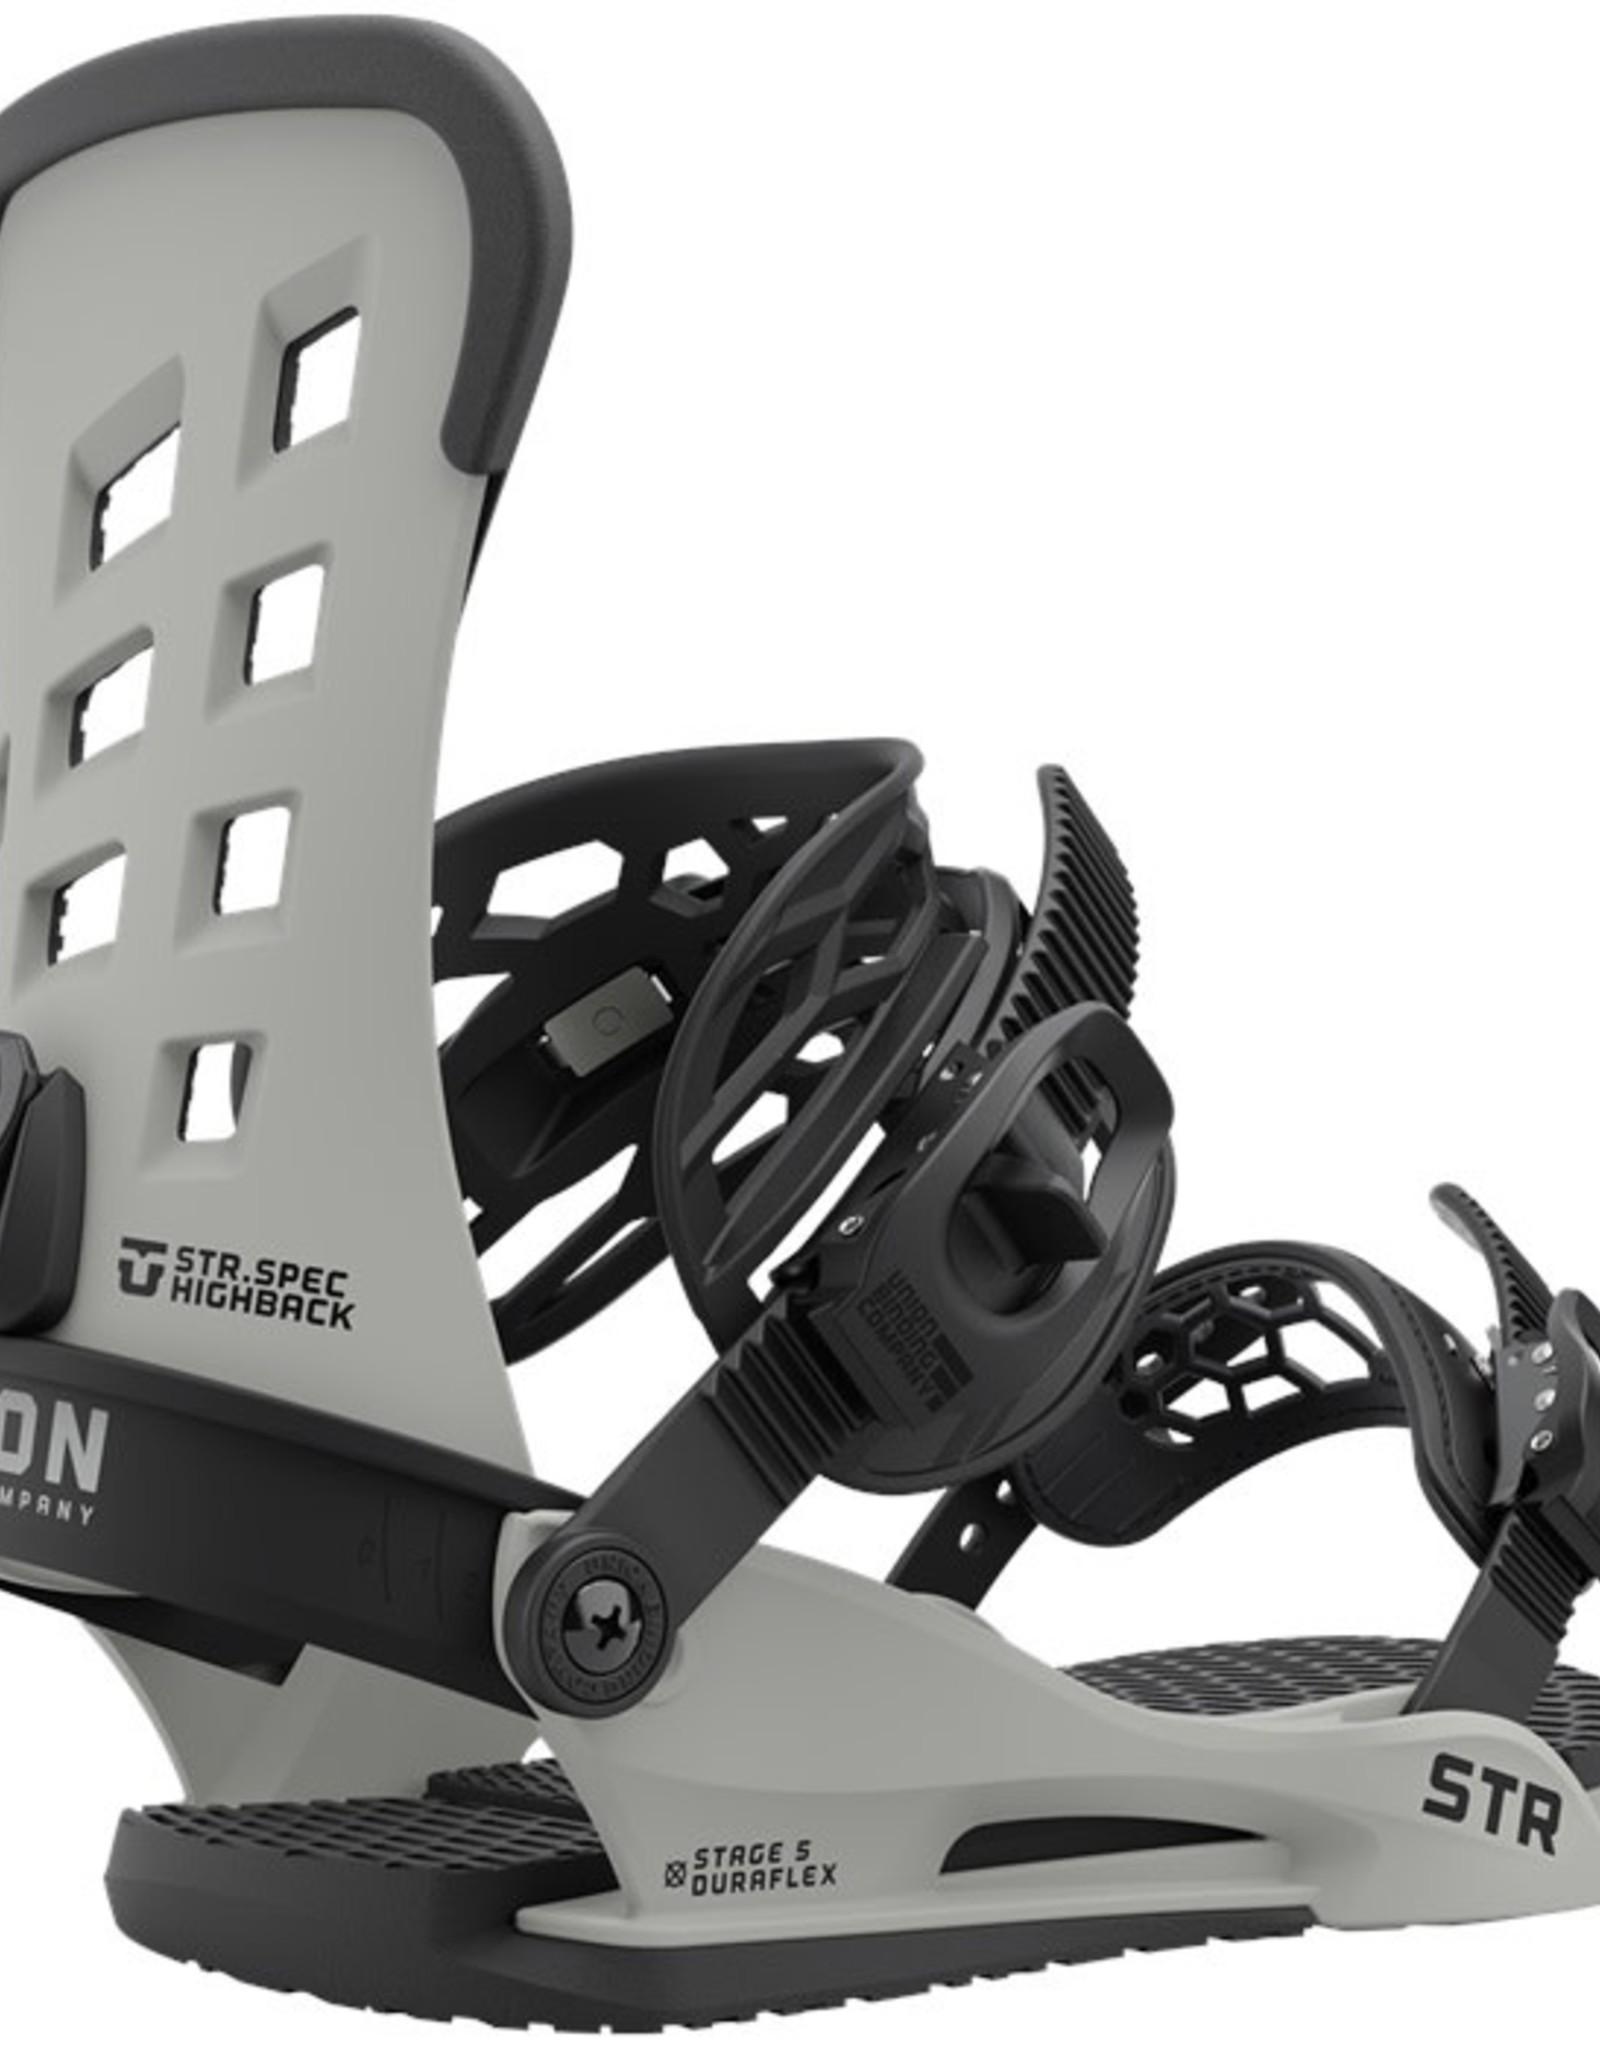 Union Union - STR (2022) - Stone - M